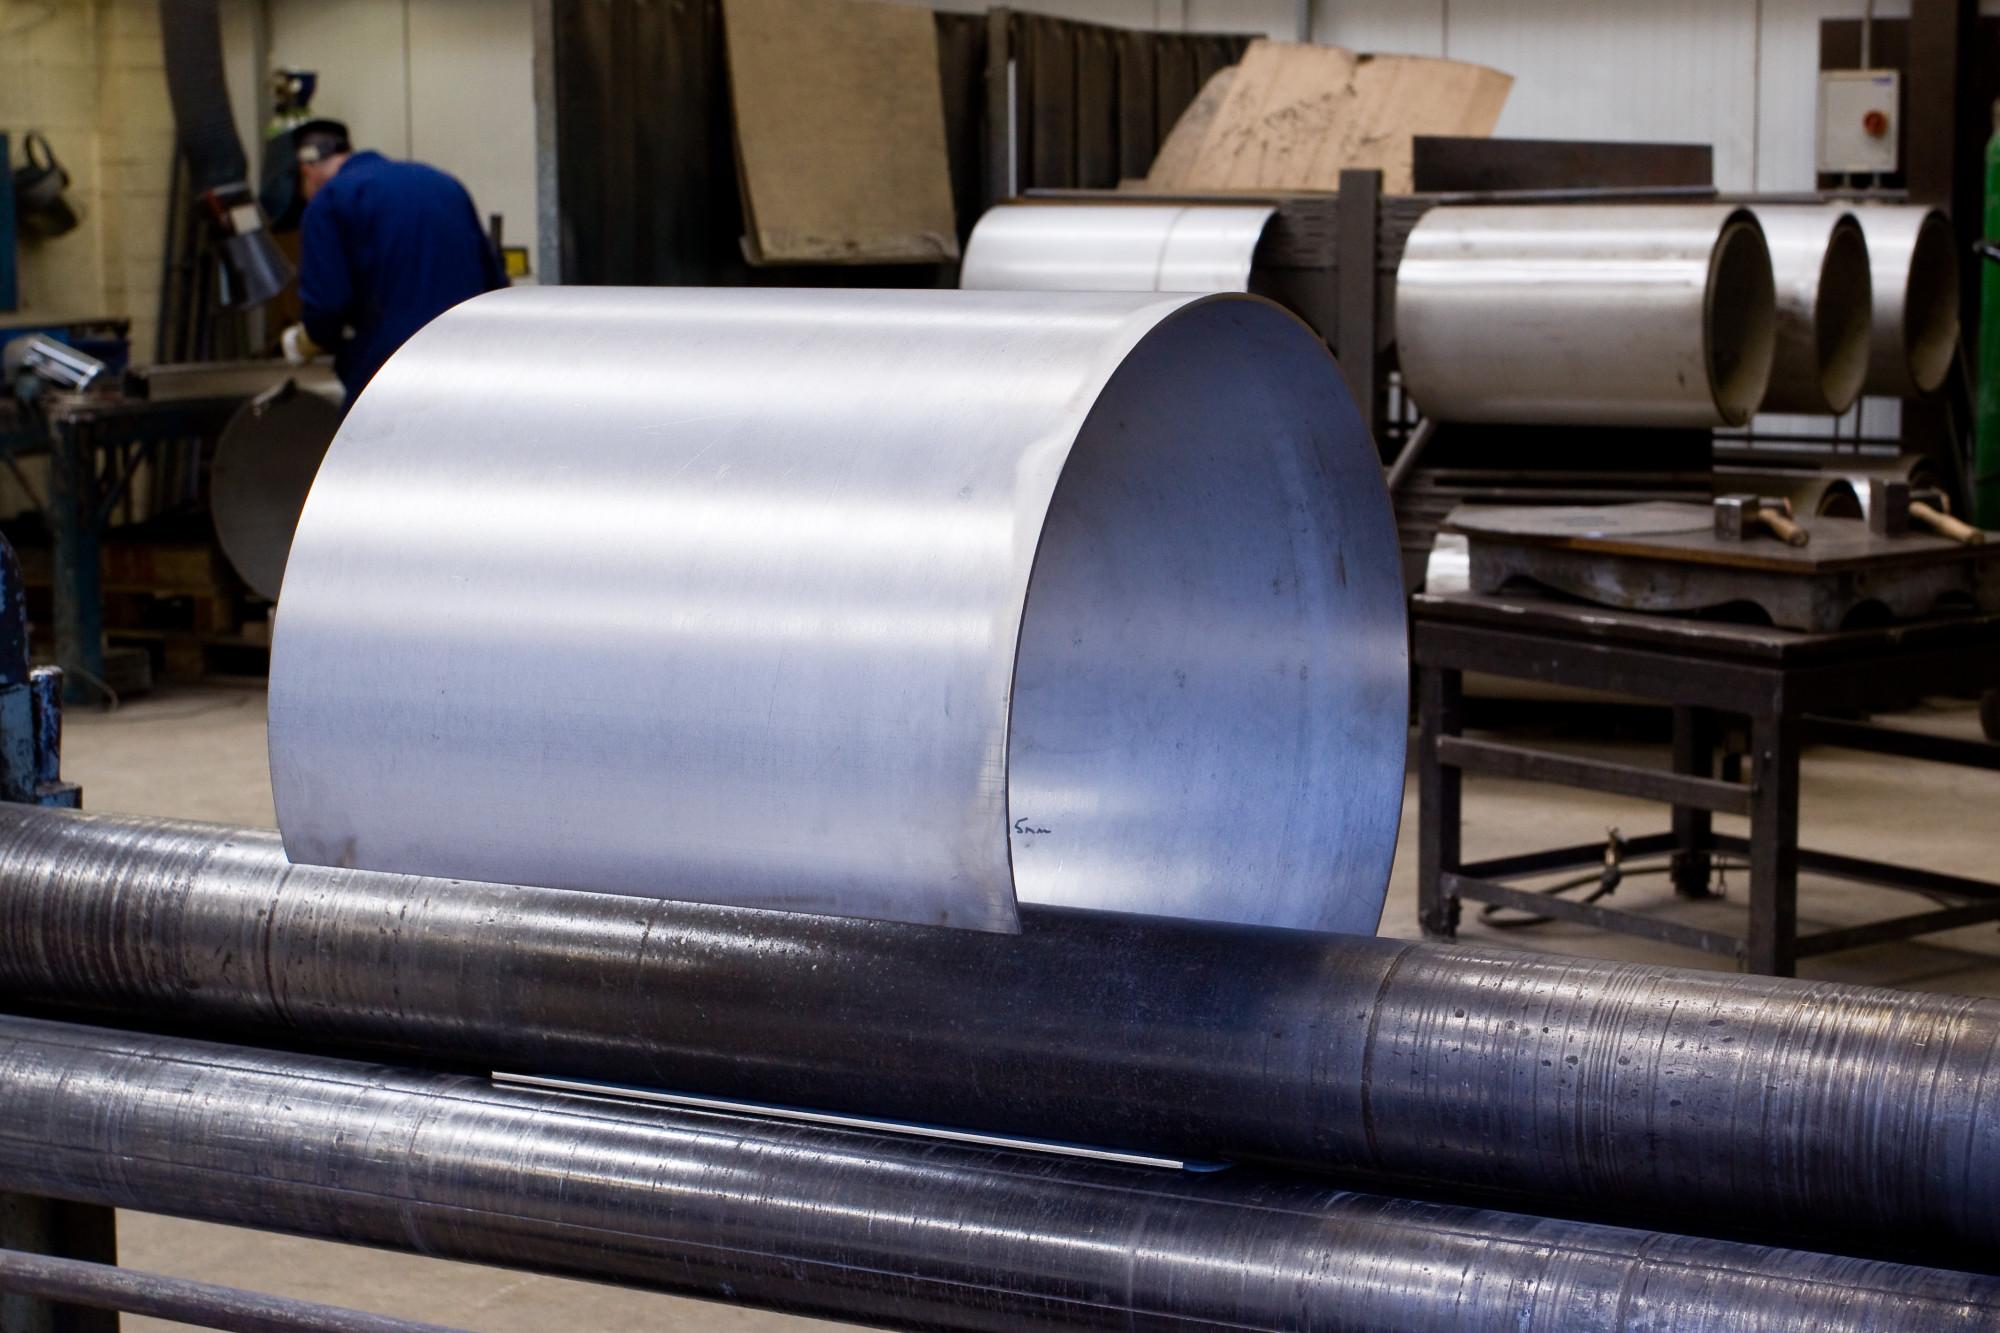 Metal Sheet Being Fabricated